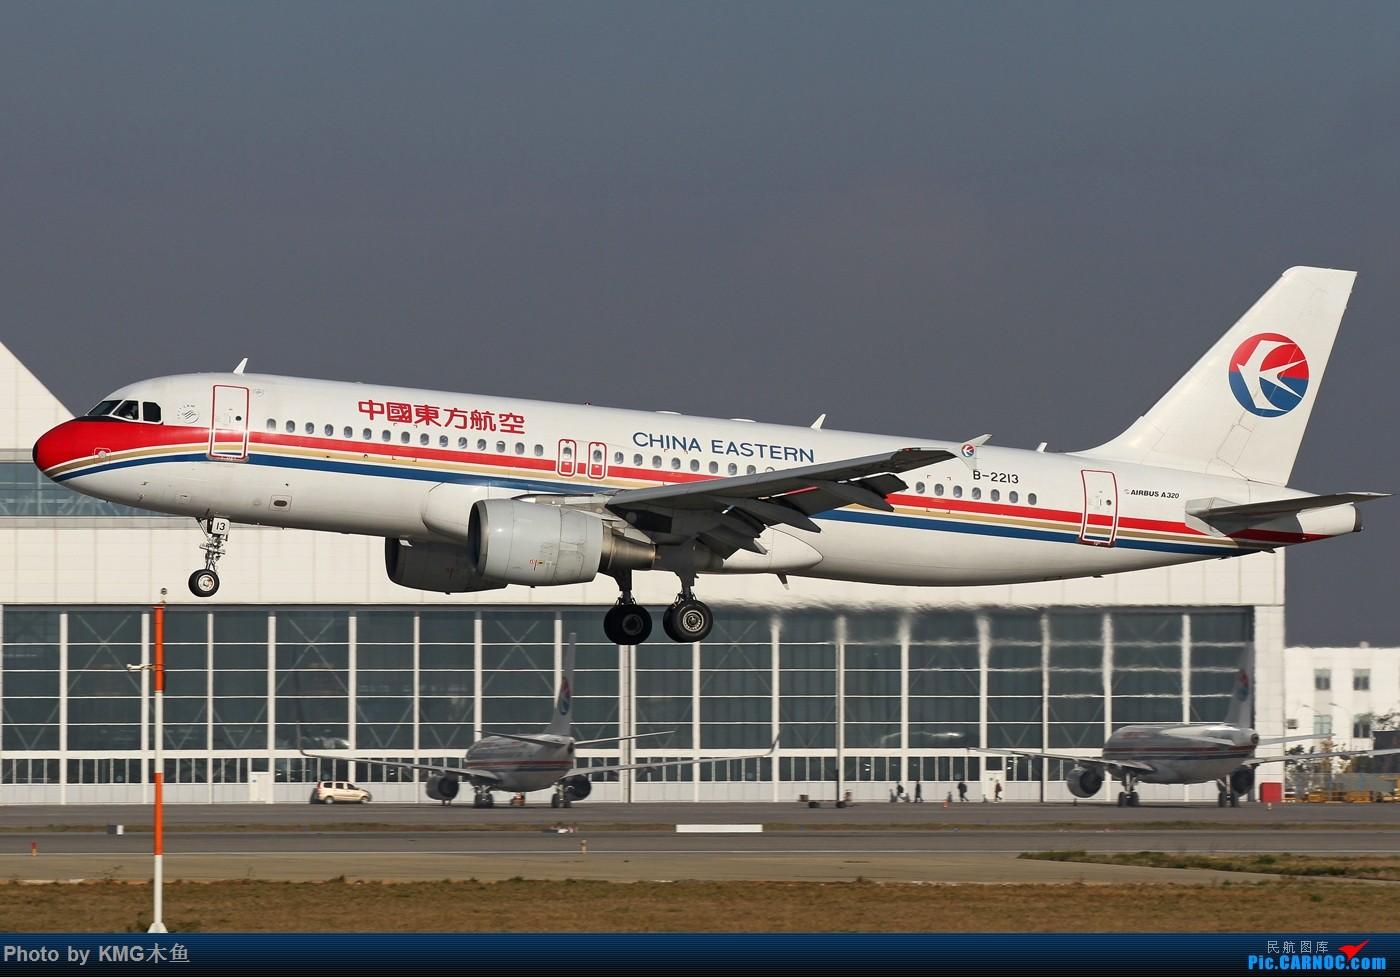 Re:[原创]【KMG昆明长水国际机场】好天气,拍到了好灰机,愉快的一天 AIRBUS A320-200 B-2213 中国昆明长水国际机场